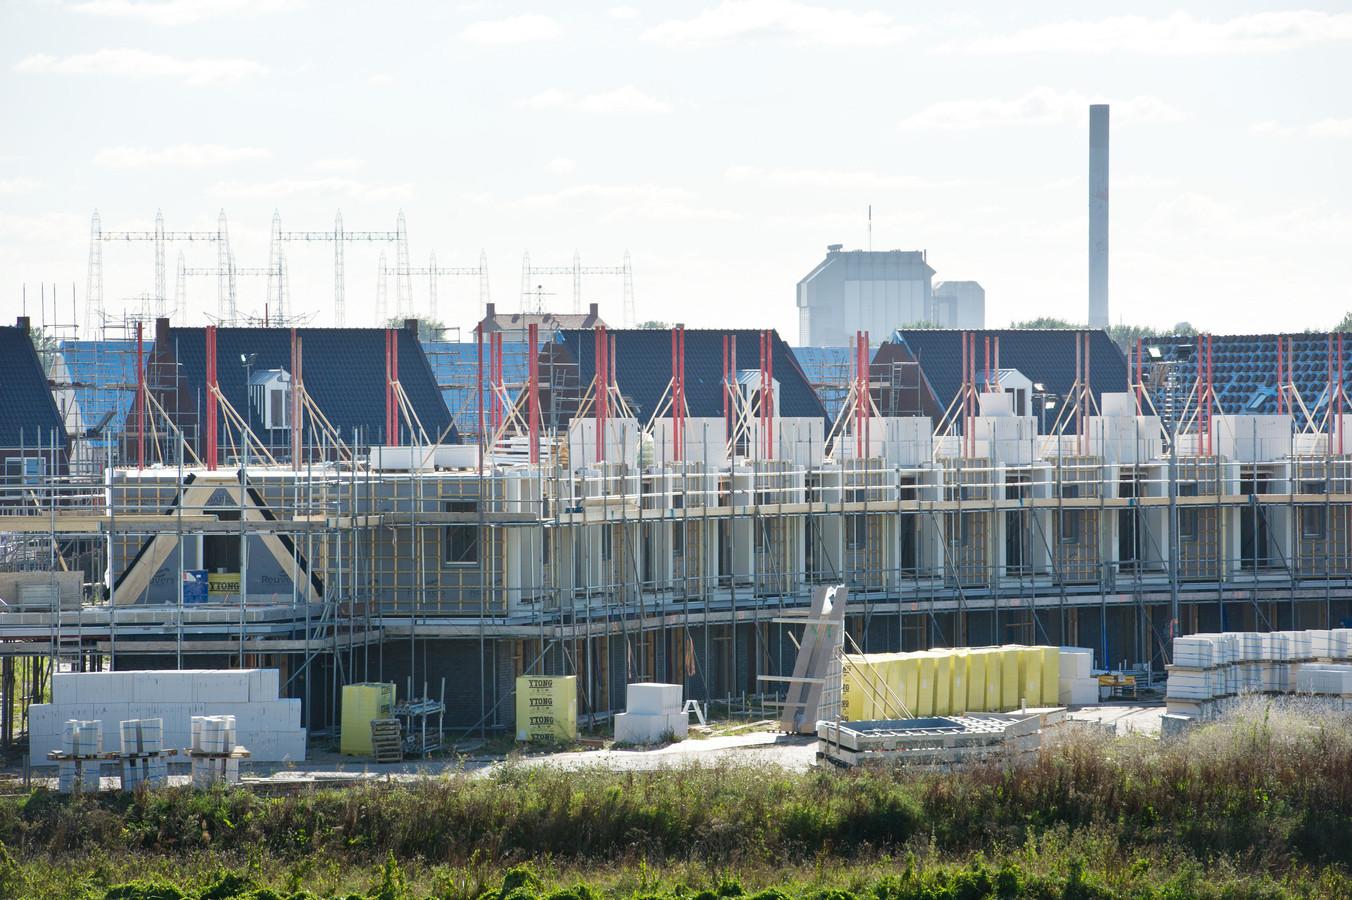 Nieuwbouw in de Waalsprong in Nijmegen. Archieffoto